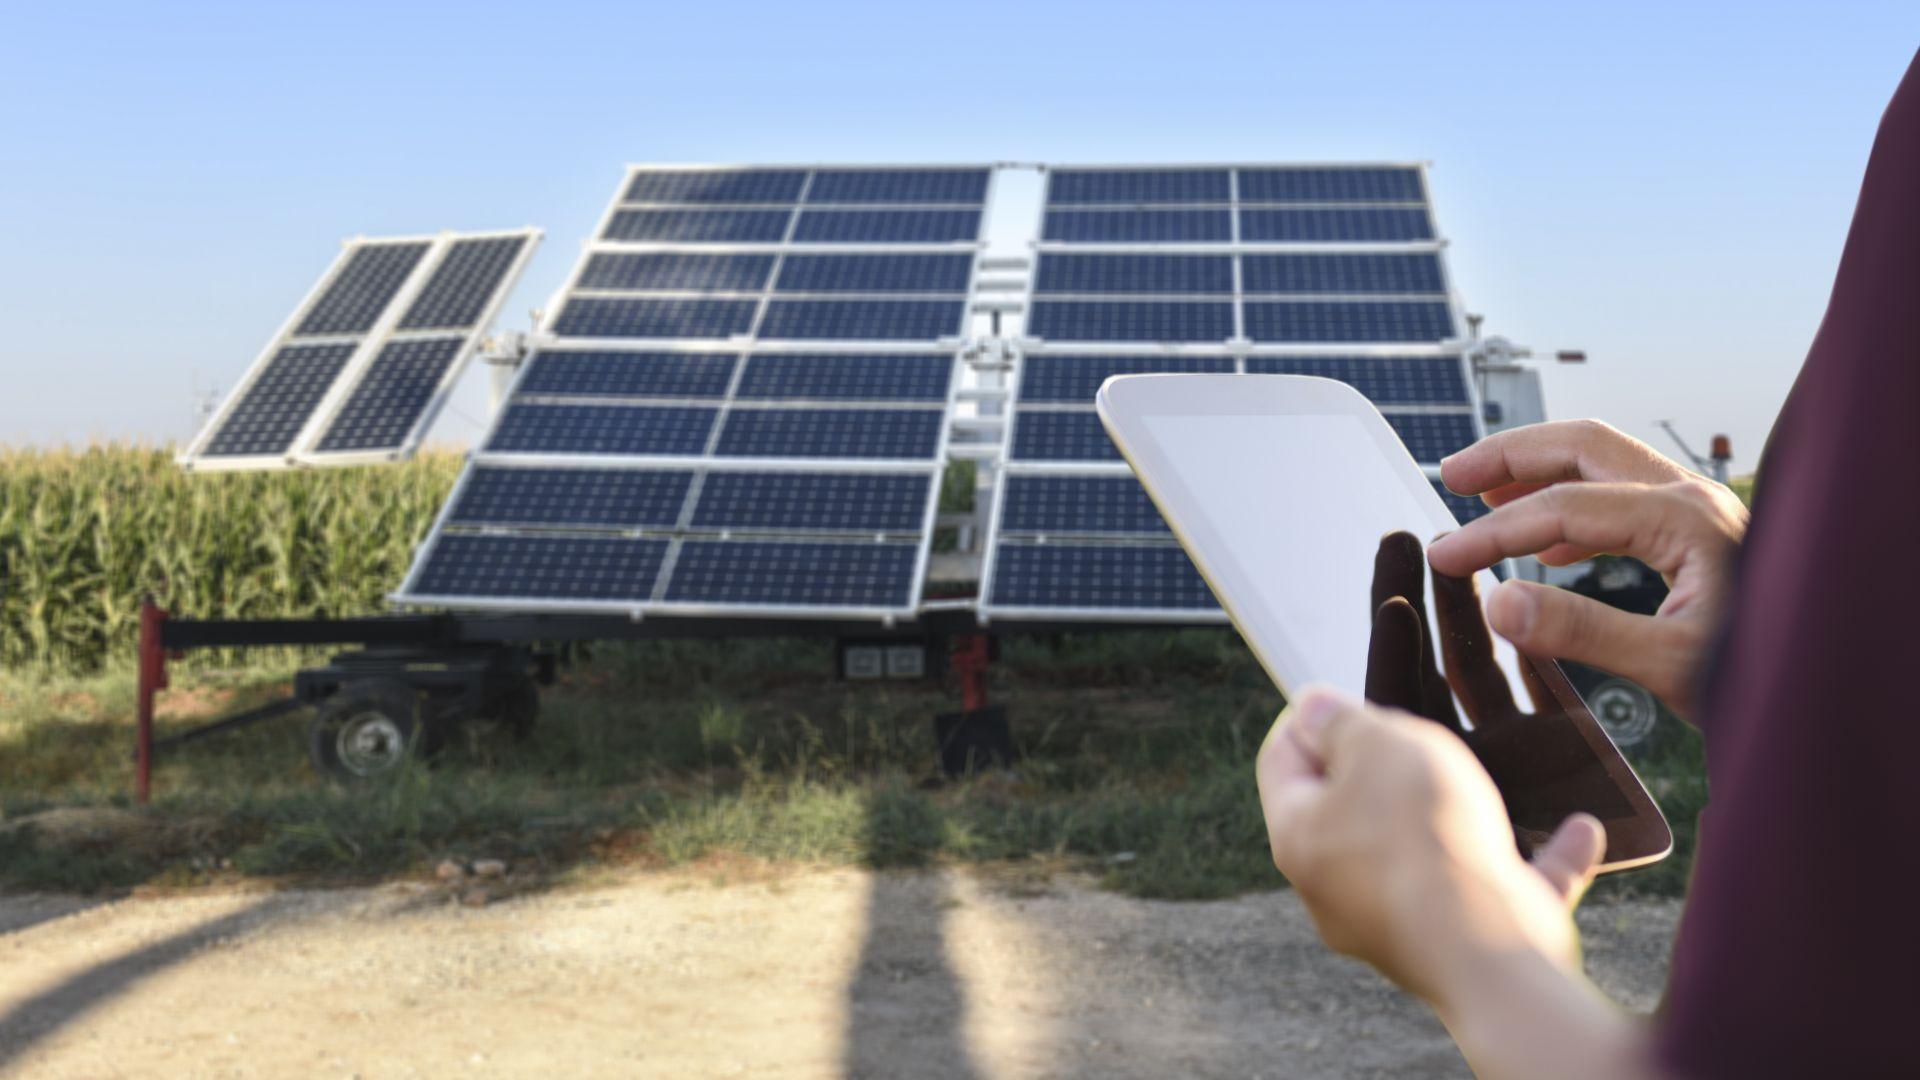 Проверяваш баланса на сметката си - получил си половин заплата от соларния панел на покрива, с който произвеждаш електроенергия и я връщаш обратно в мрежата, за което ти плащат.